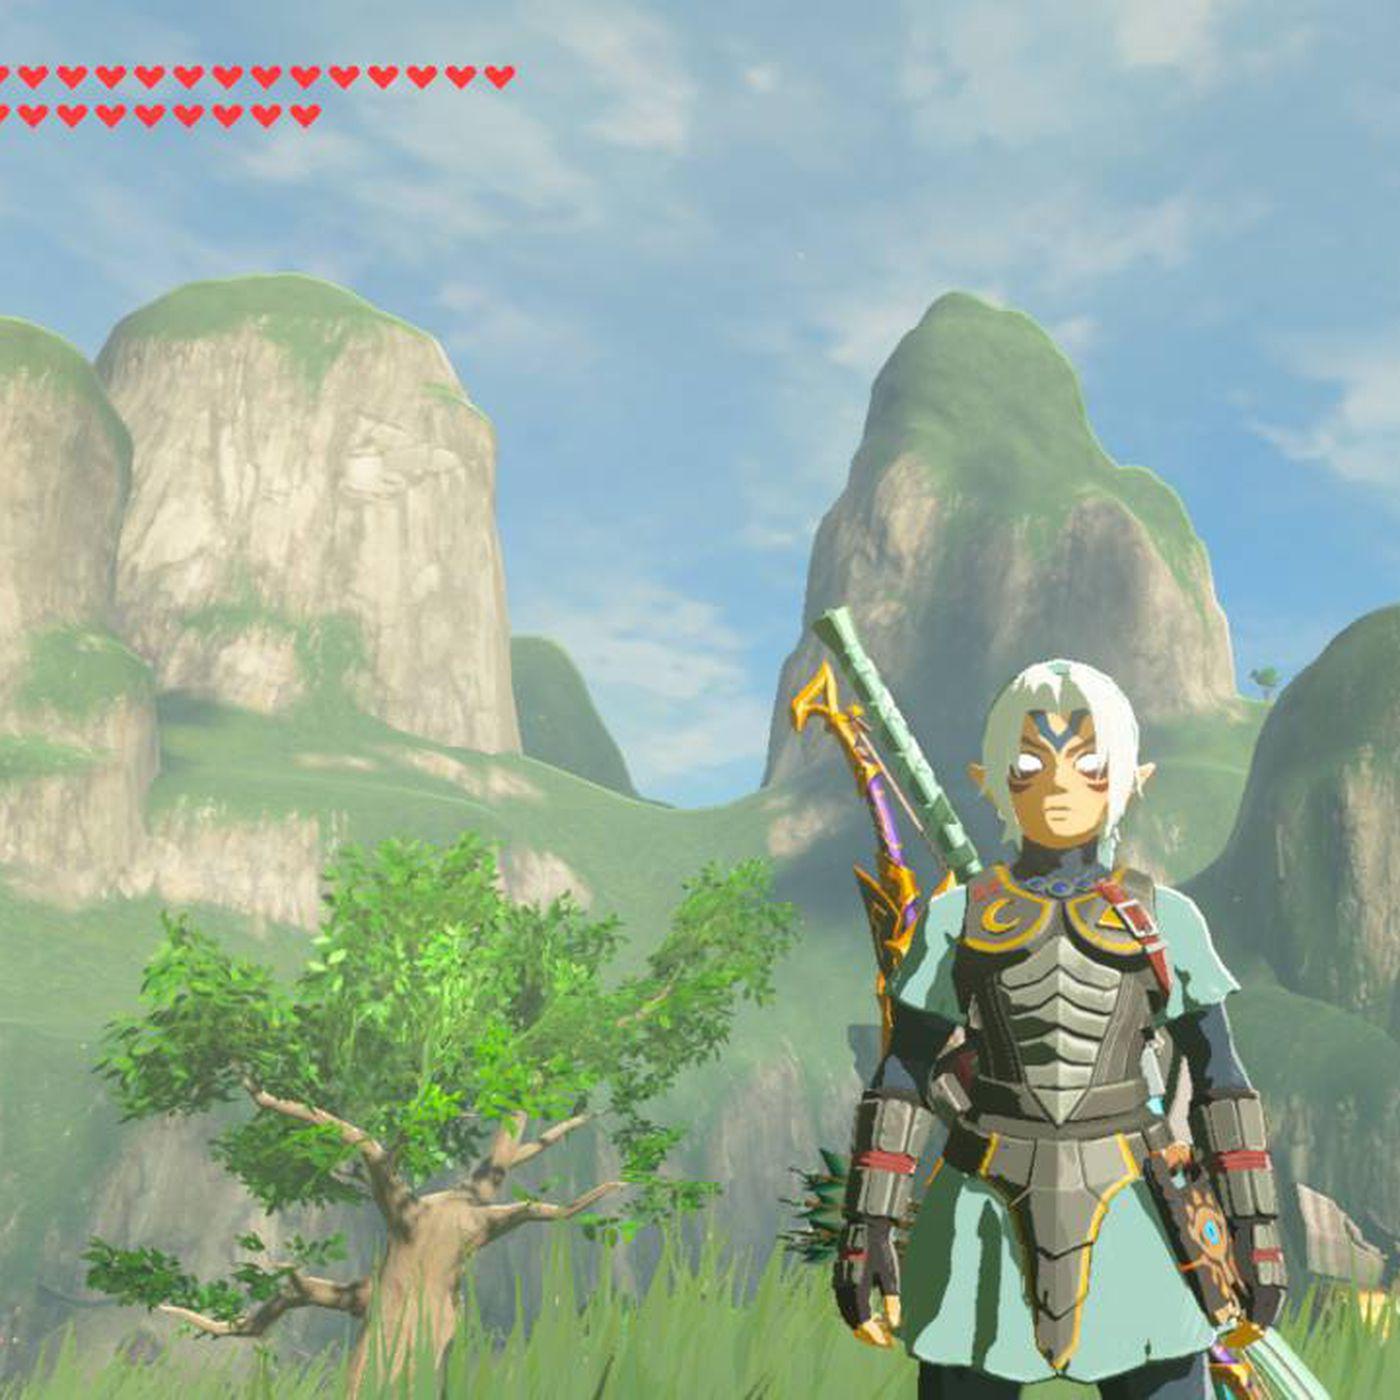 Nintendo's new Zelda amiibo explains Breath of the Wild's